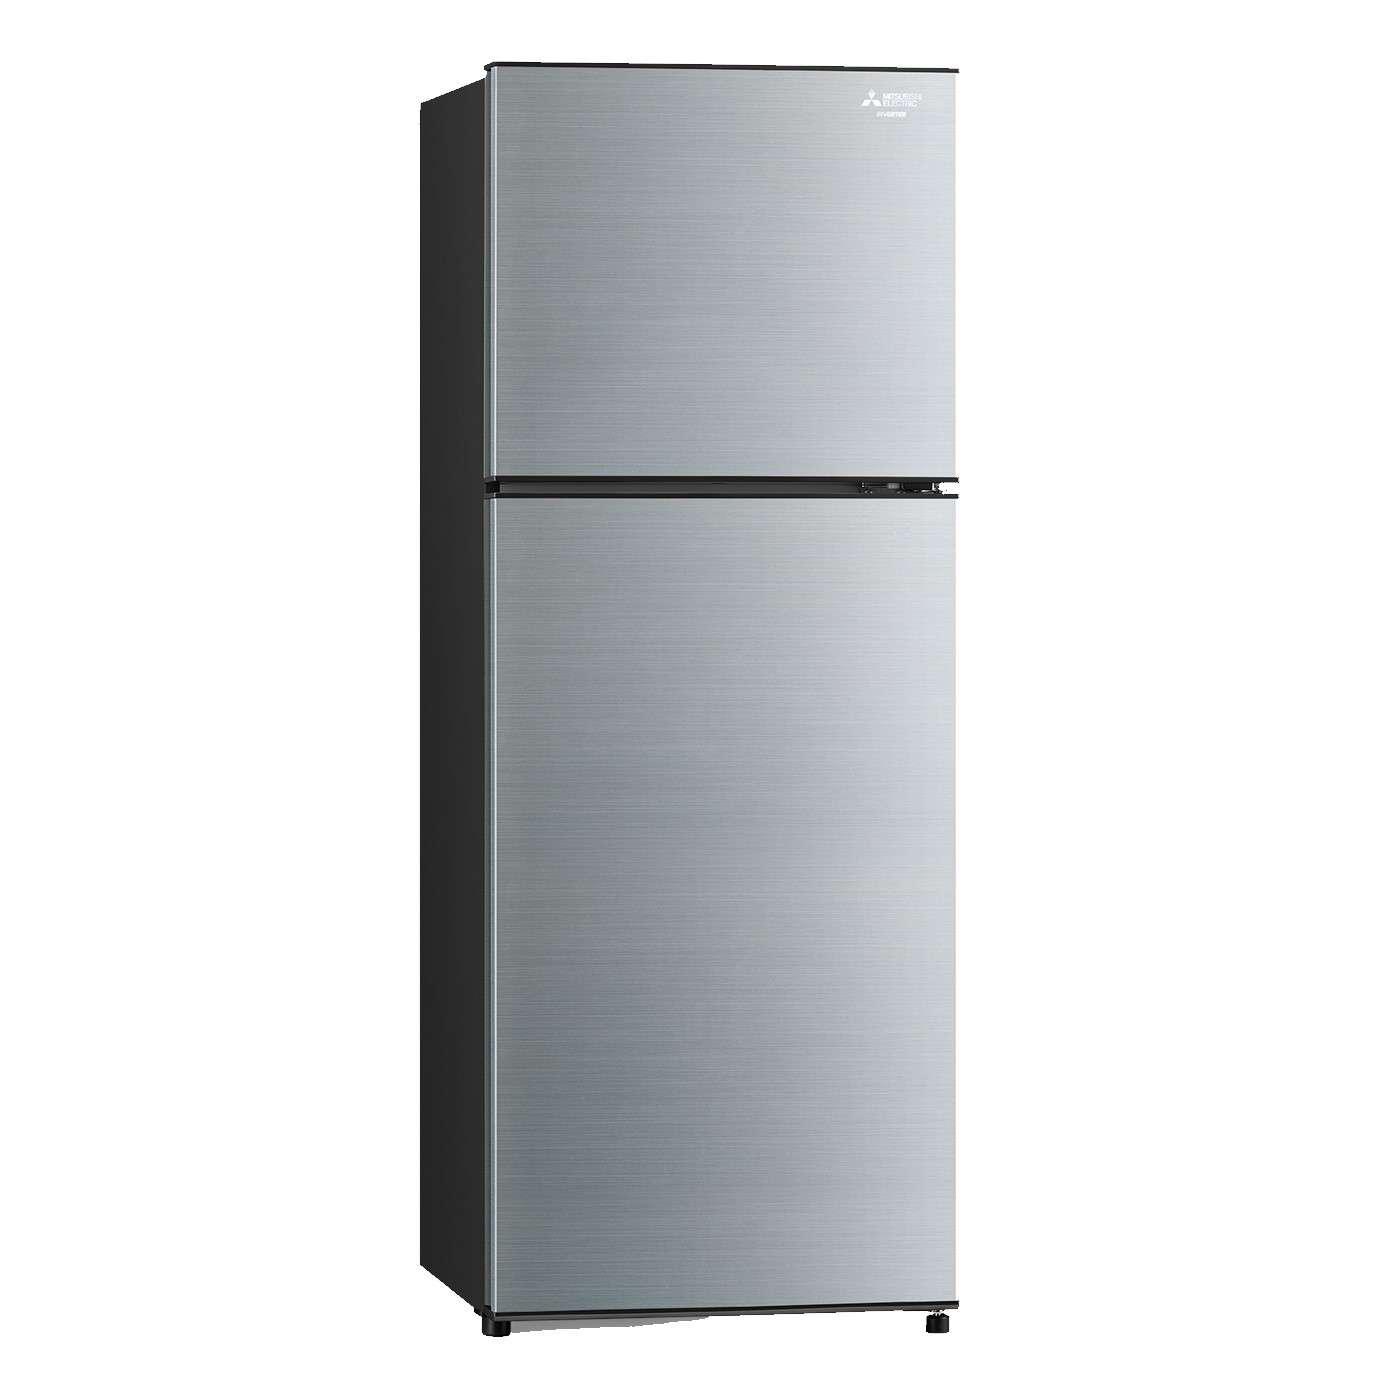 Tủ lạnh Mitsubishi MR-FC29EP-SSL-V Inverter 243 lít